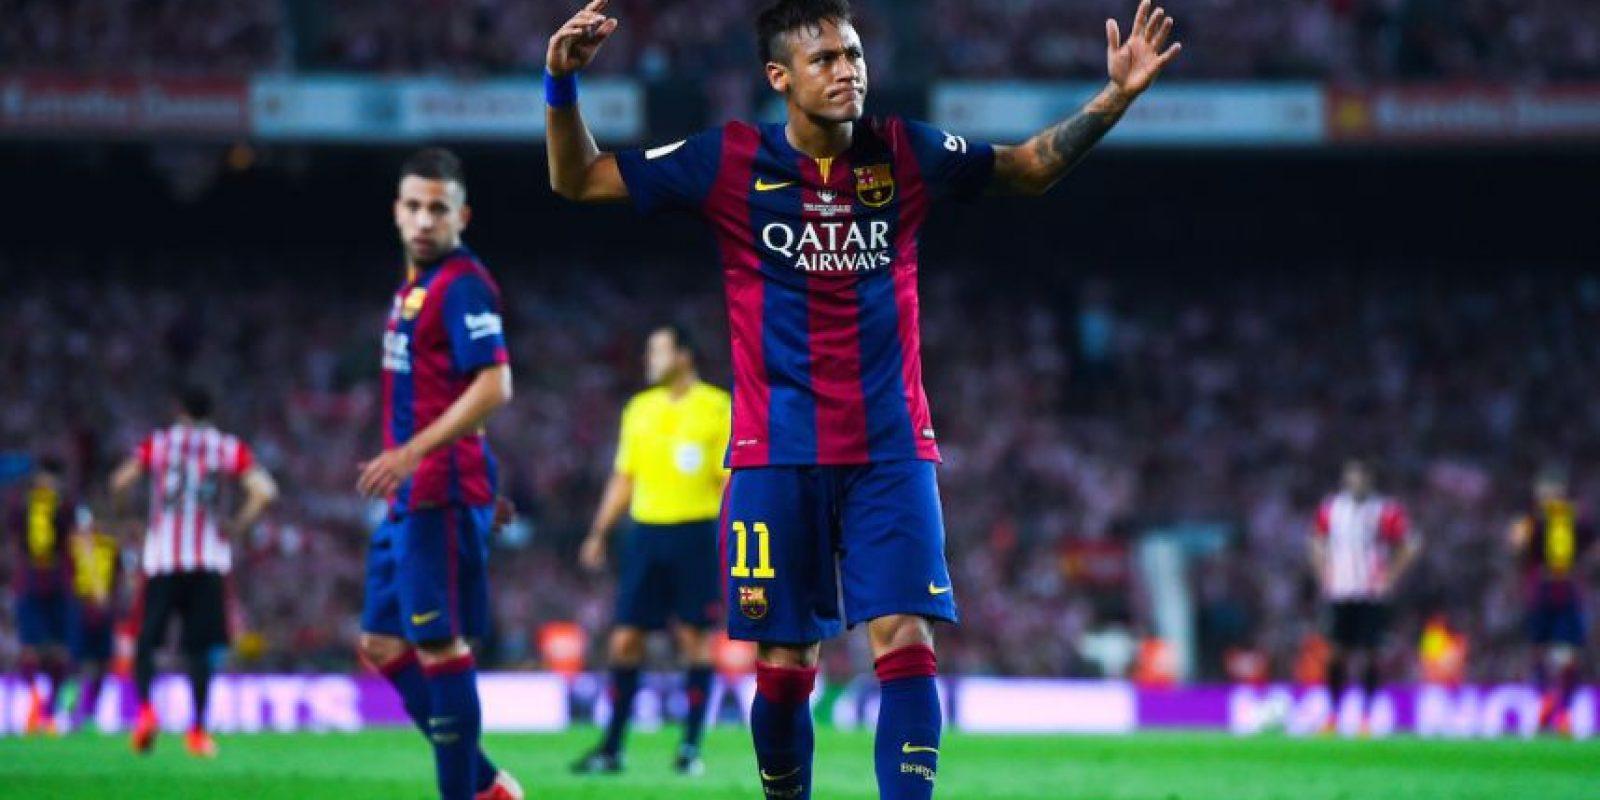 """Por ello, el brasileño fue muy criticado pues consideraron este gesto como una """"falta de respeto"""" al rival. Foto:Getty Images"""